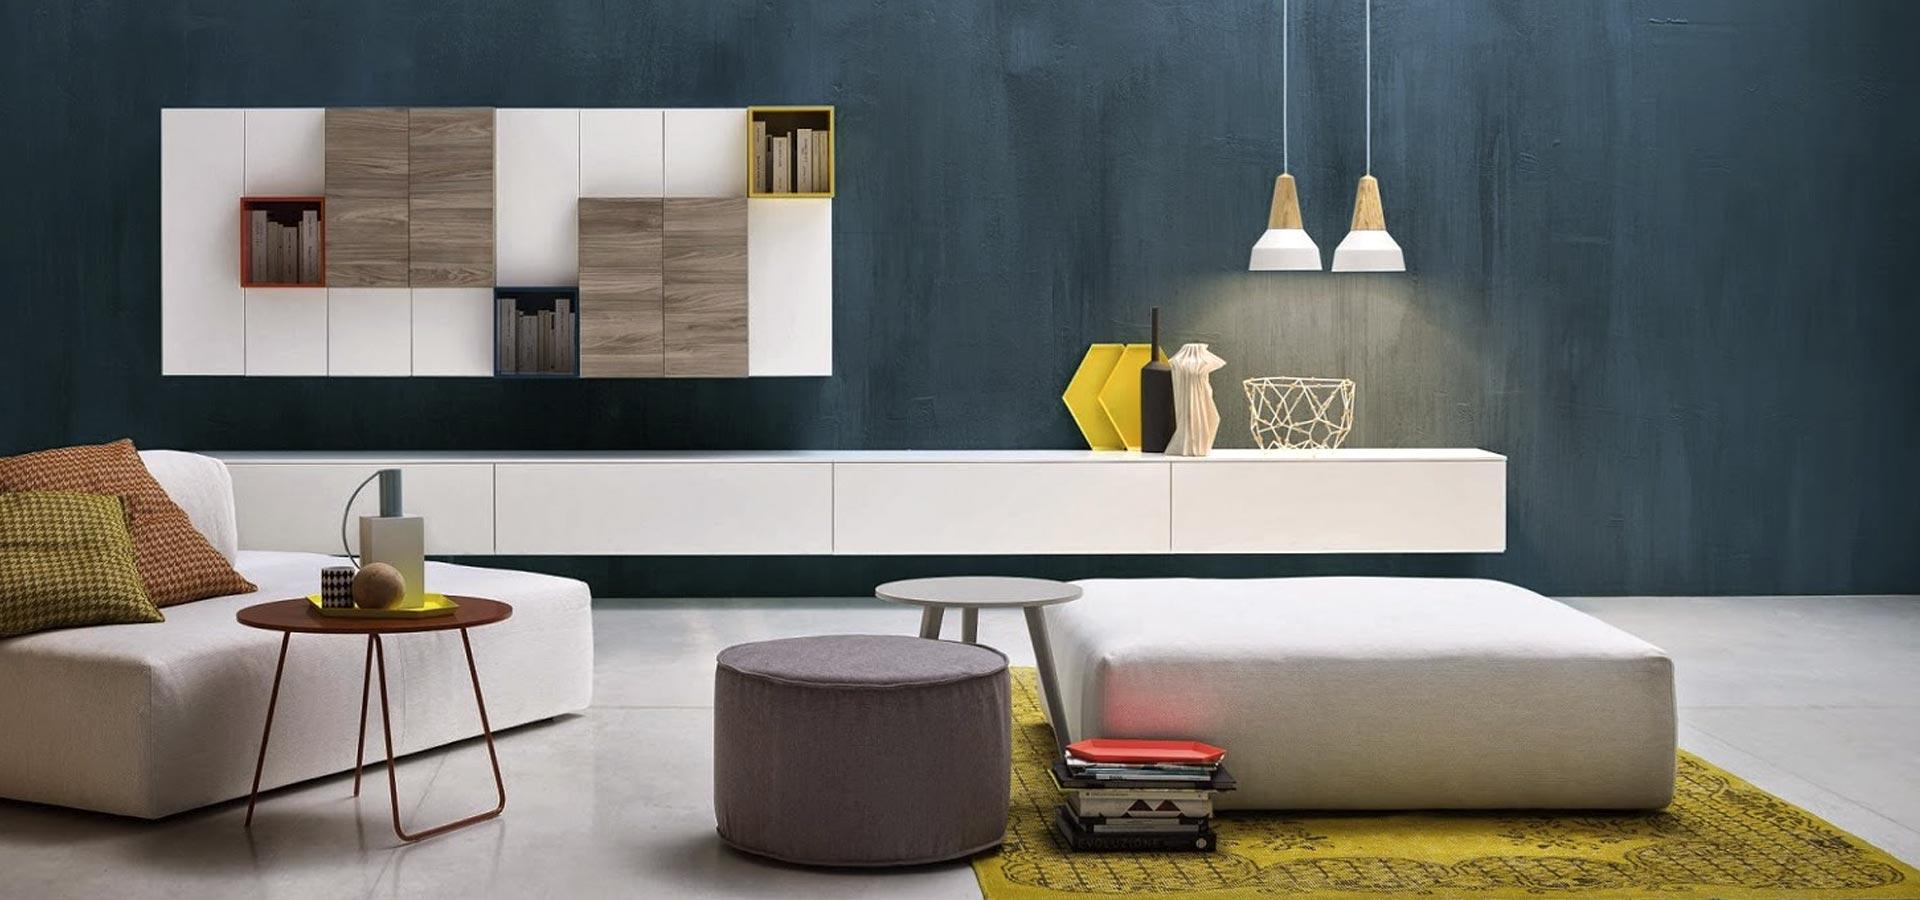 Muebles para la sala de estar y televisi n de dise o ismoble for Muebles tv colgados